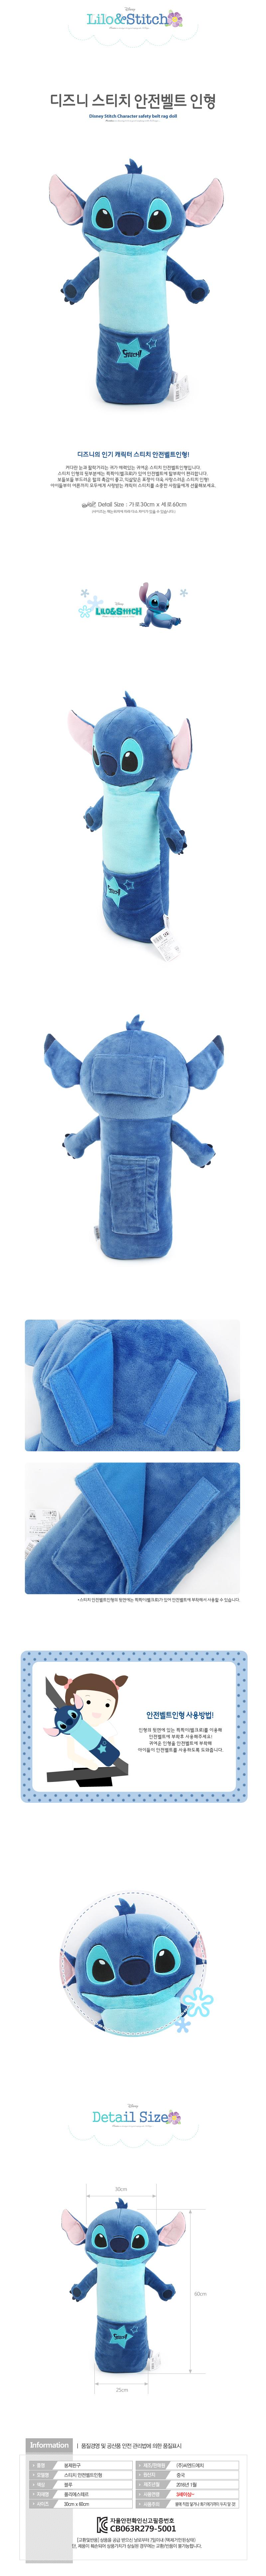 디즈니 스티치 안전벨트인형 60cm - 누리토이즈, 27,000원, 캐릭터인형, 디즈니